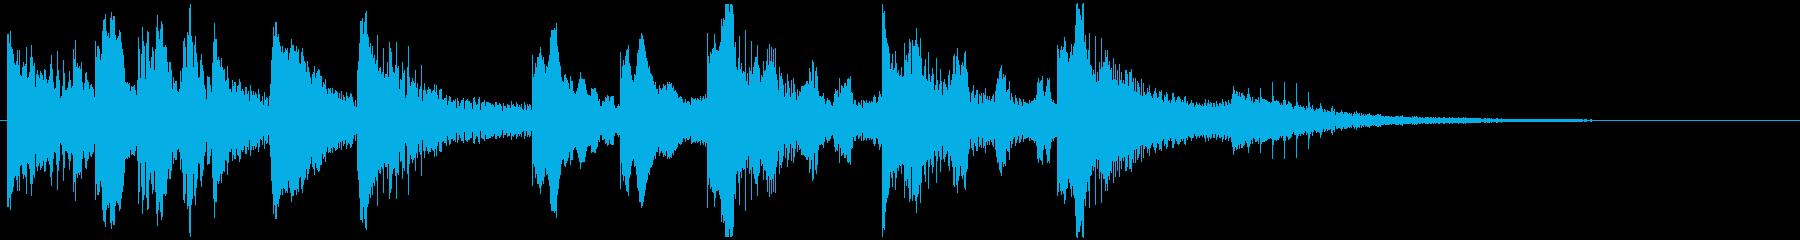 カートゥーンのようなコミカルなジングルの再生済みの波形